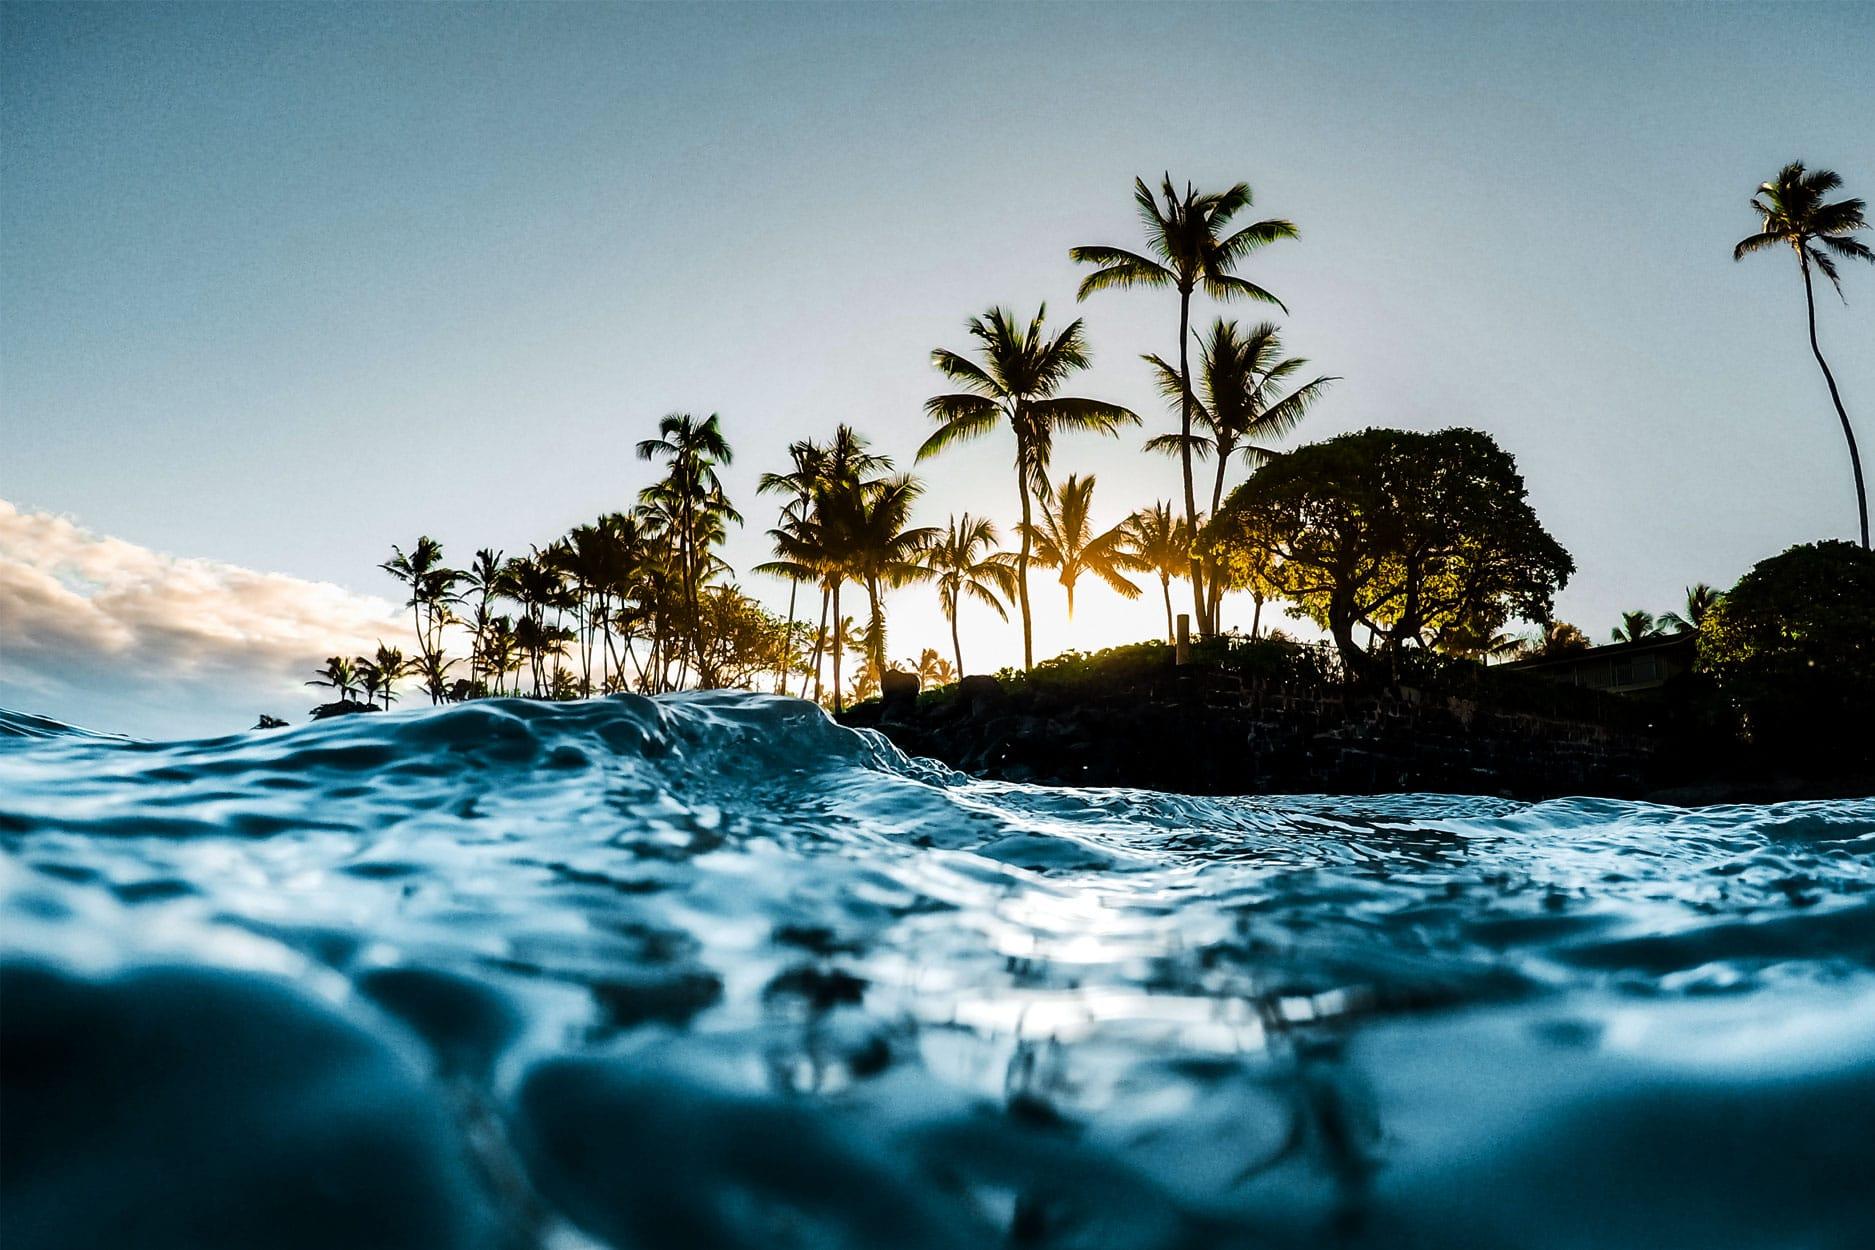 MauiD